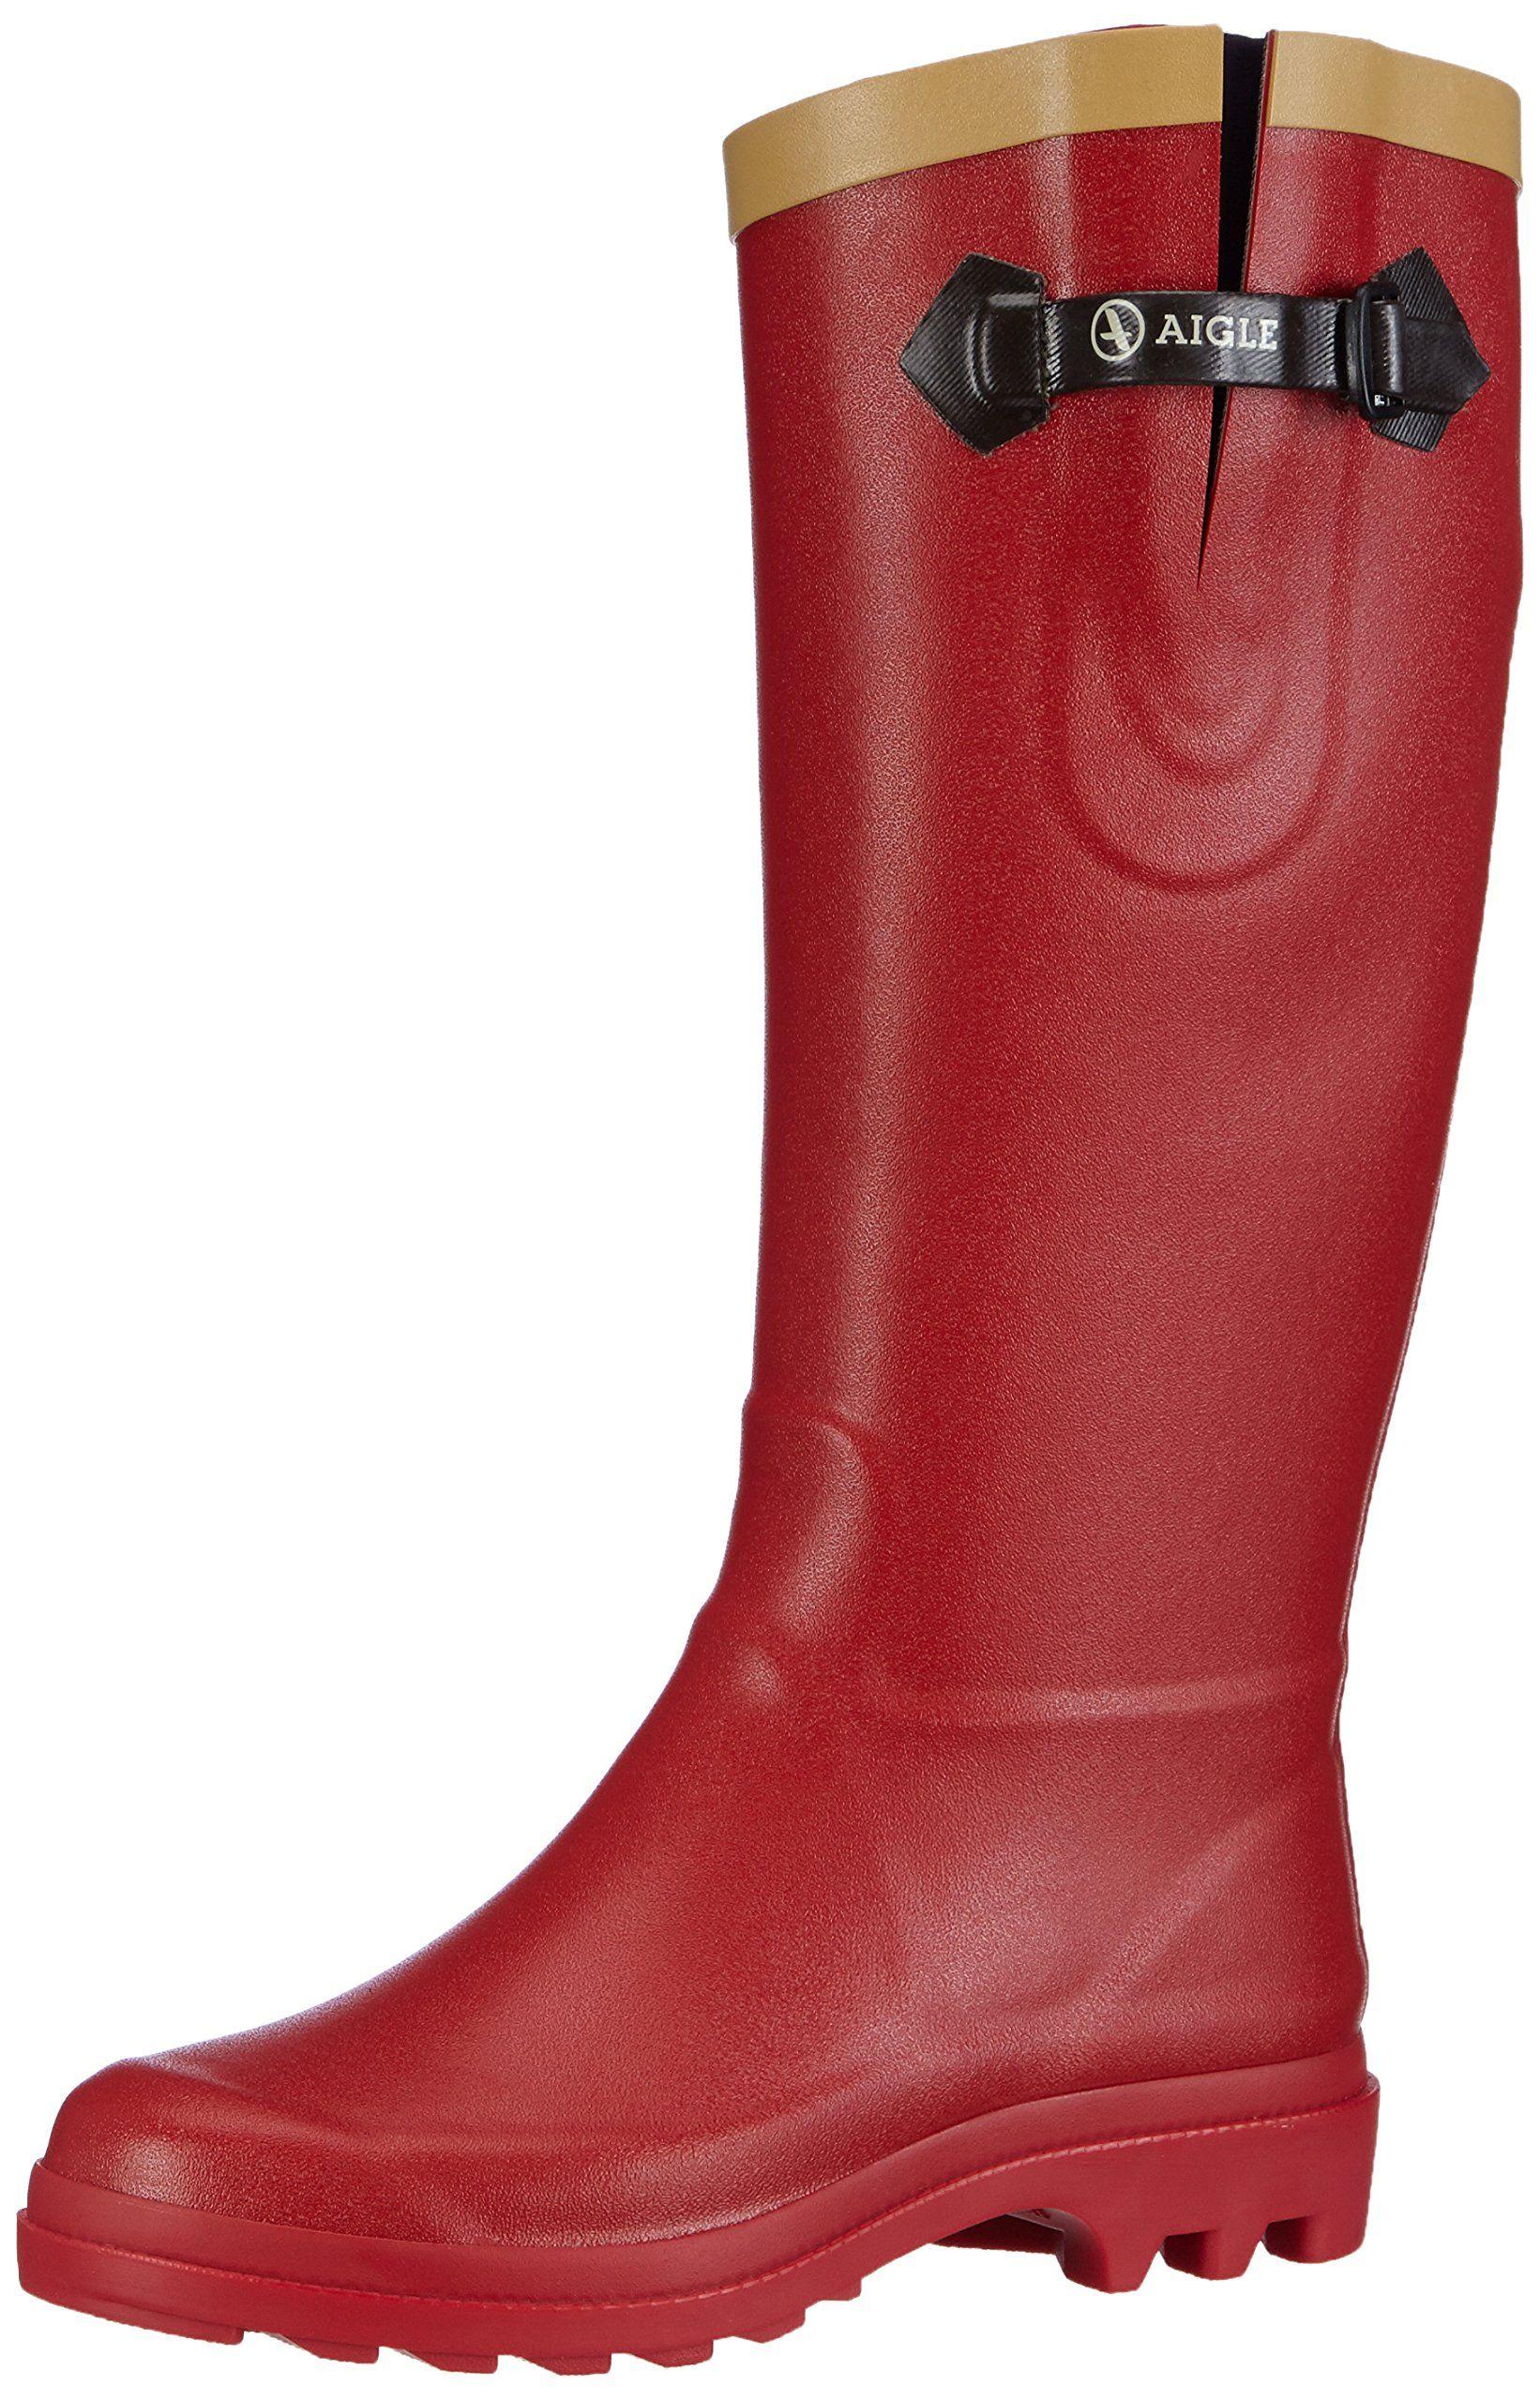 2a7b02d1fd92c4 Aigle Aiglentine, Bottes femme: Amazon.fr: Chaussures et Sacs Bottes De  Pluie